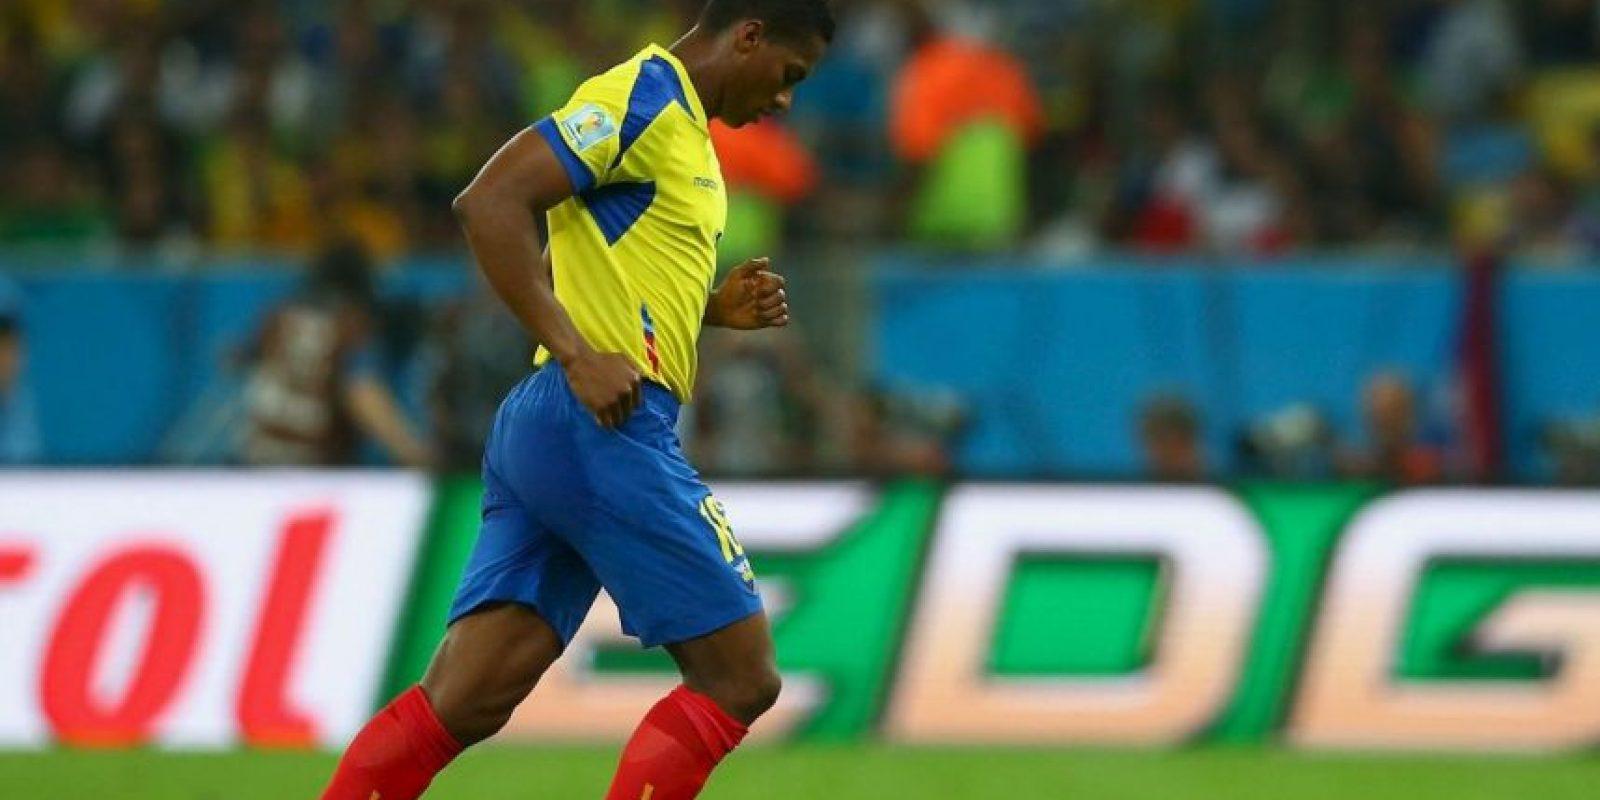 Antonio Valencia (Ecuador). El hombre del Manchester United se operó para retirarse unos clavos de una antigua intervención Foto:Getty Images